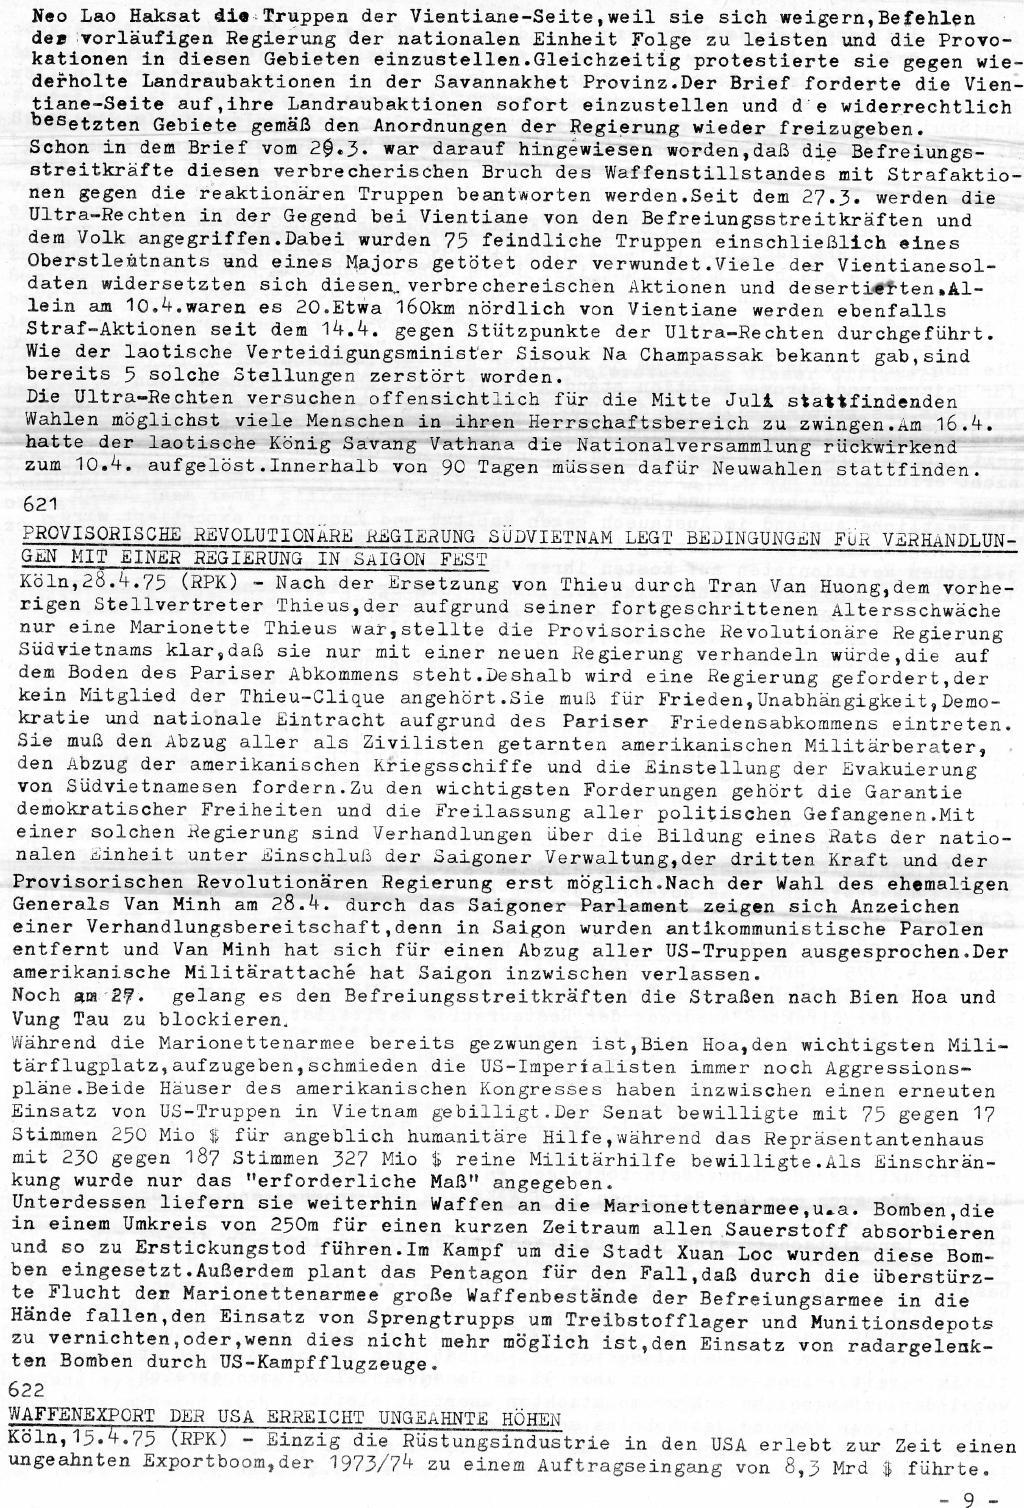 RPK_Pressedienst_1975_23_09